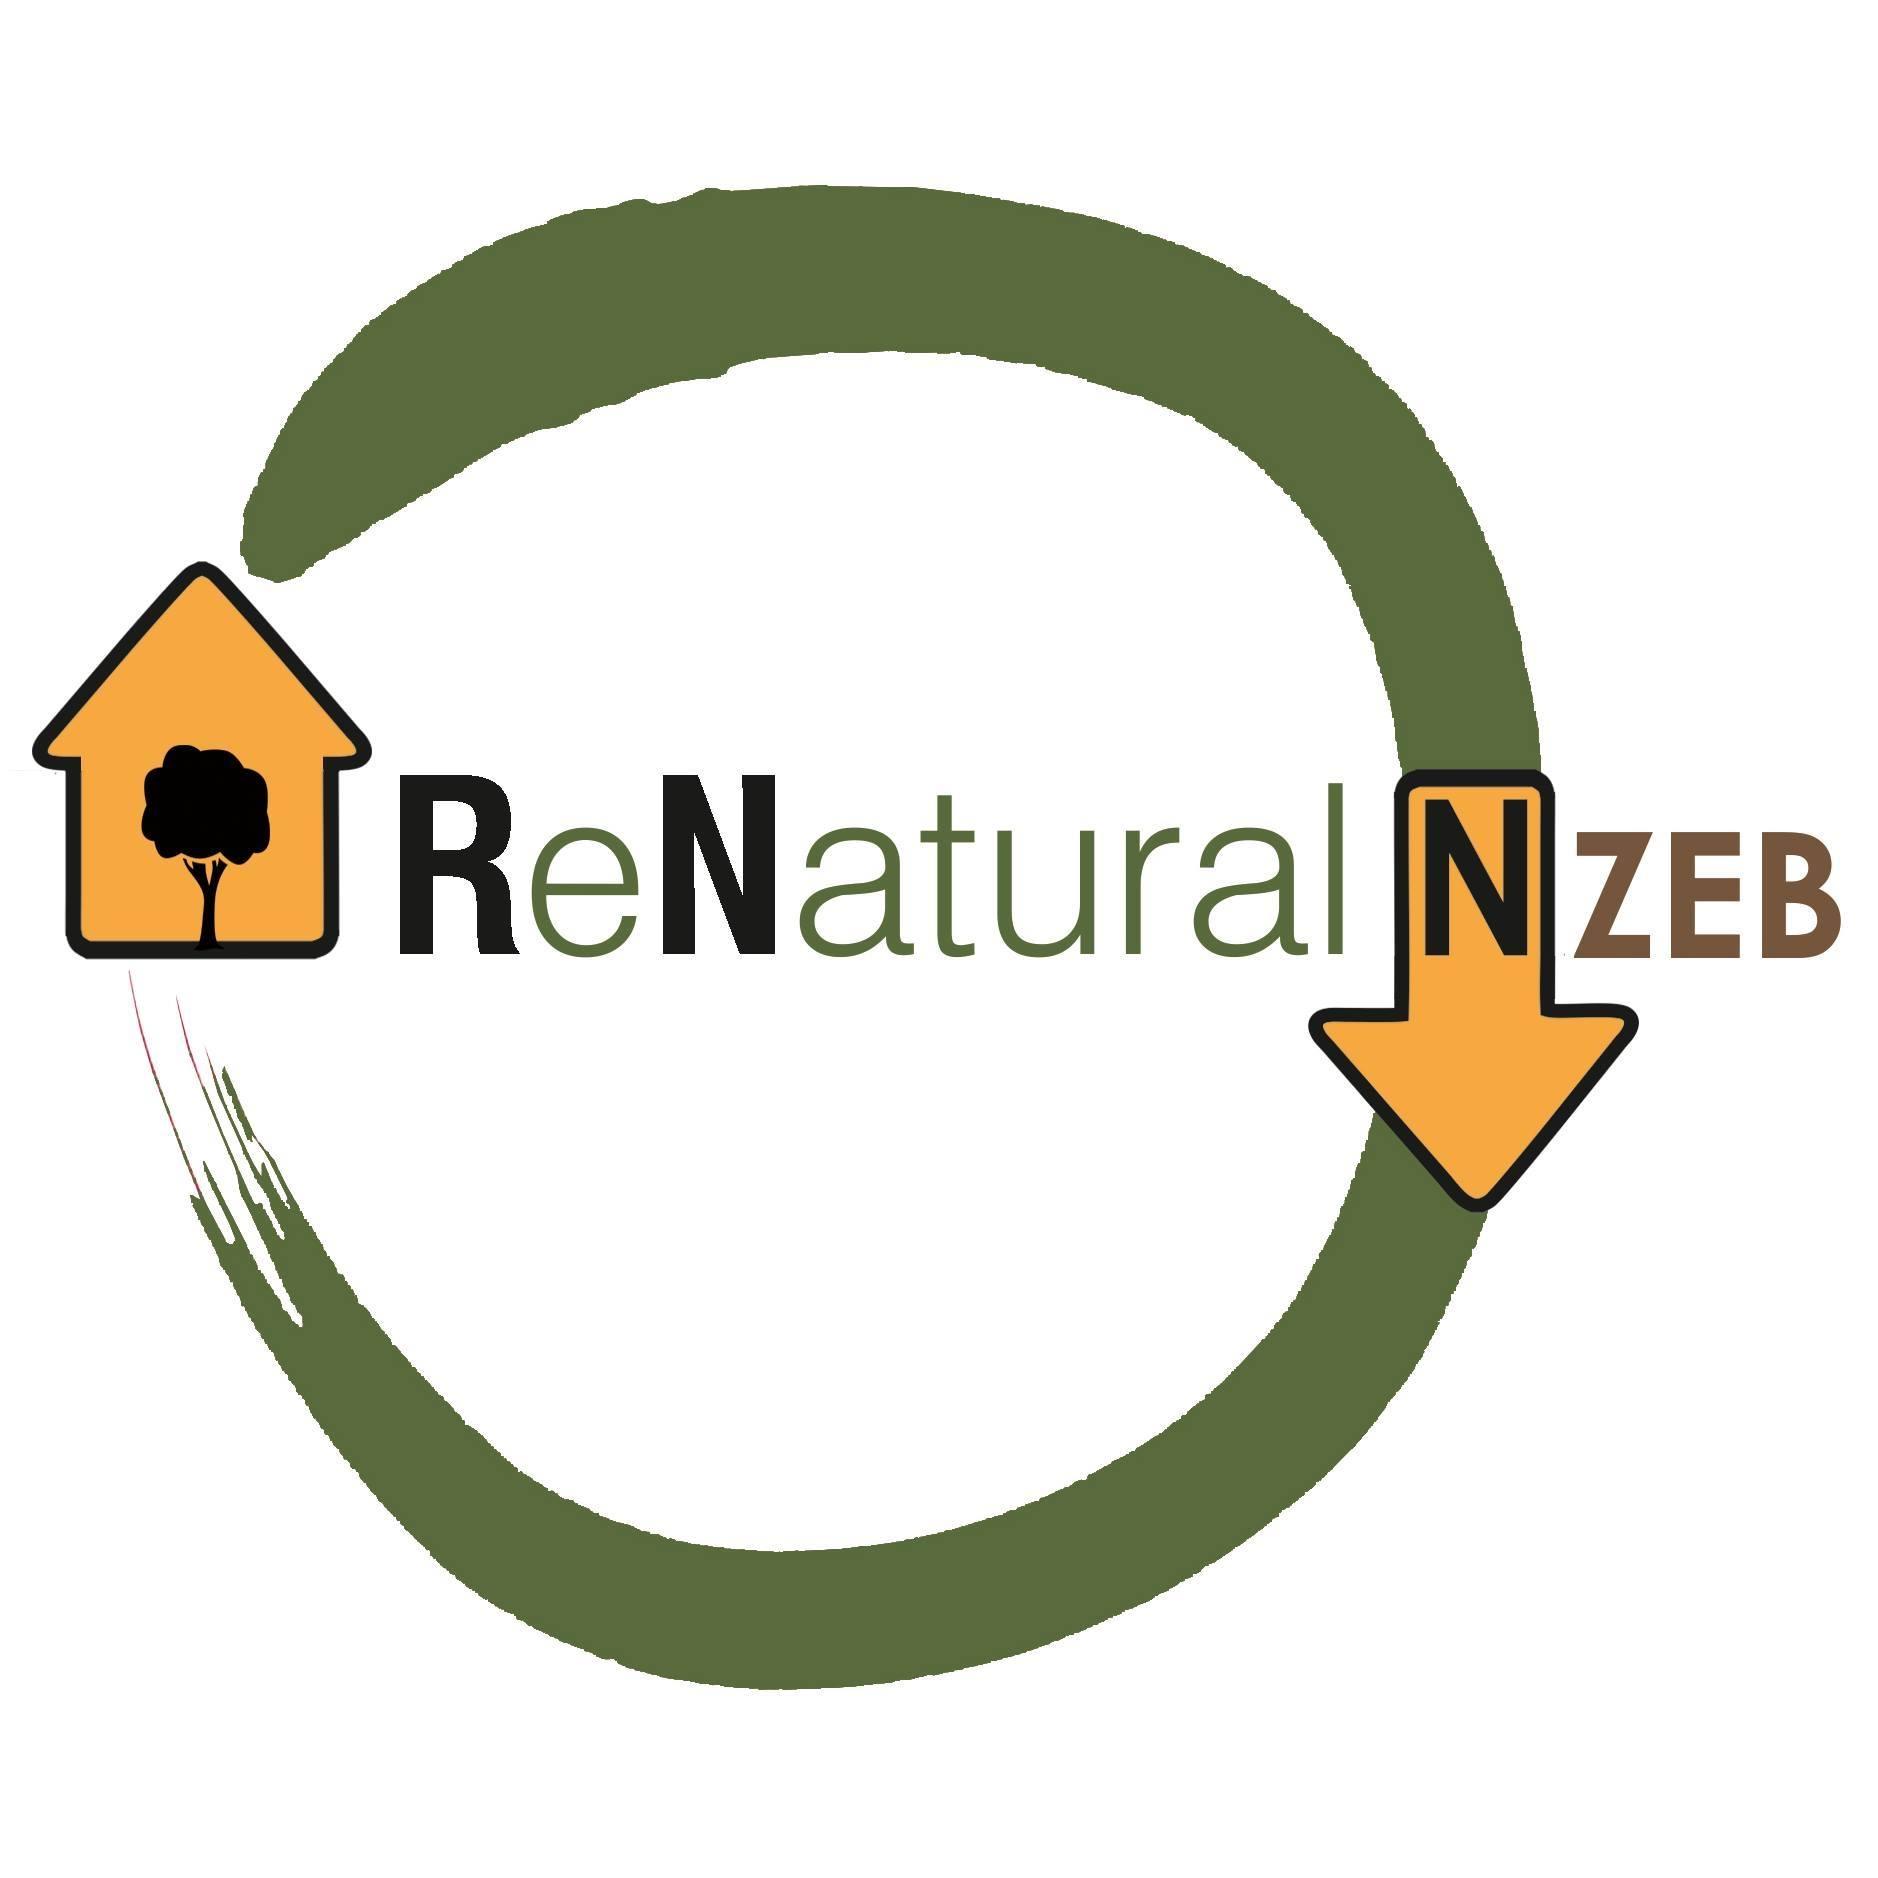 RenaturalNzeb_banner